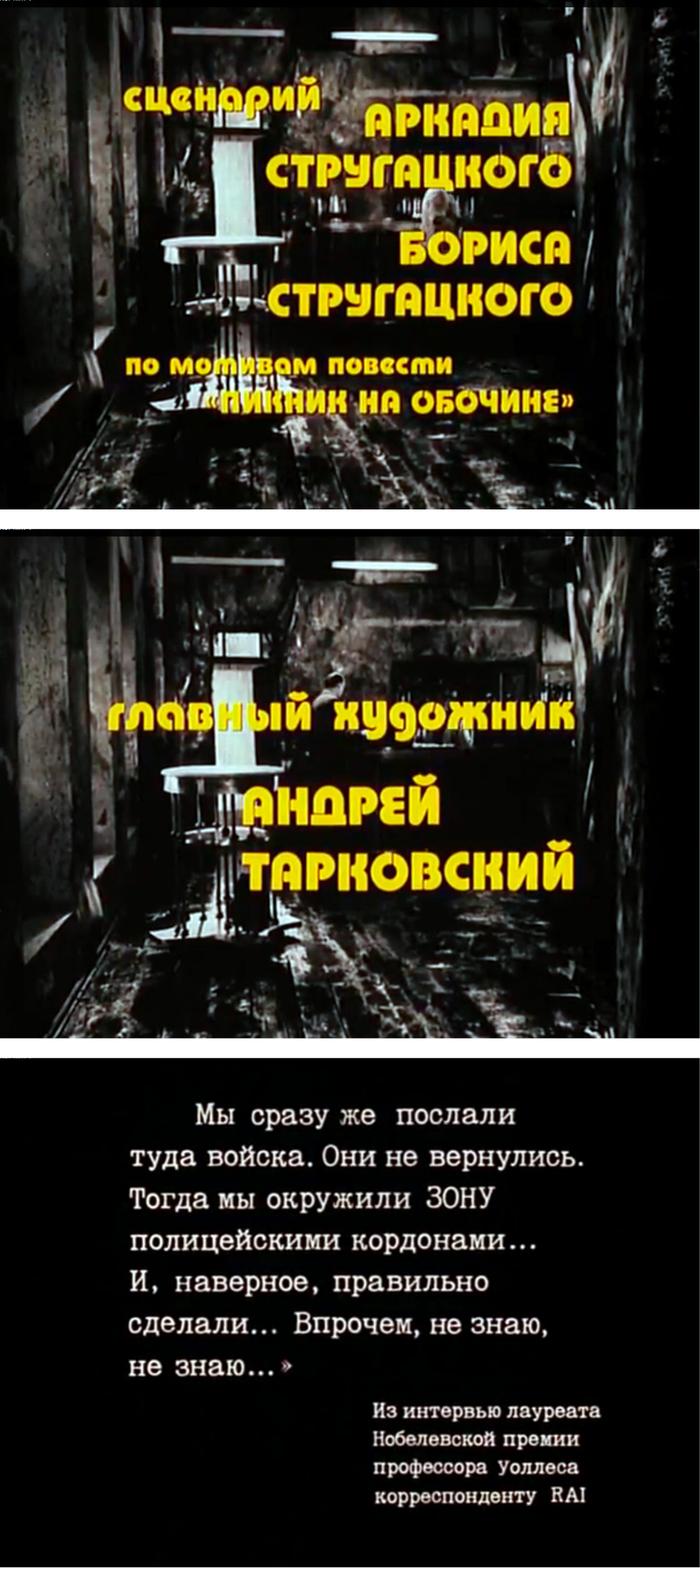 Stalker opening titles 2